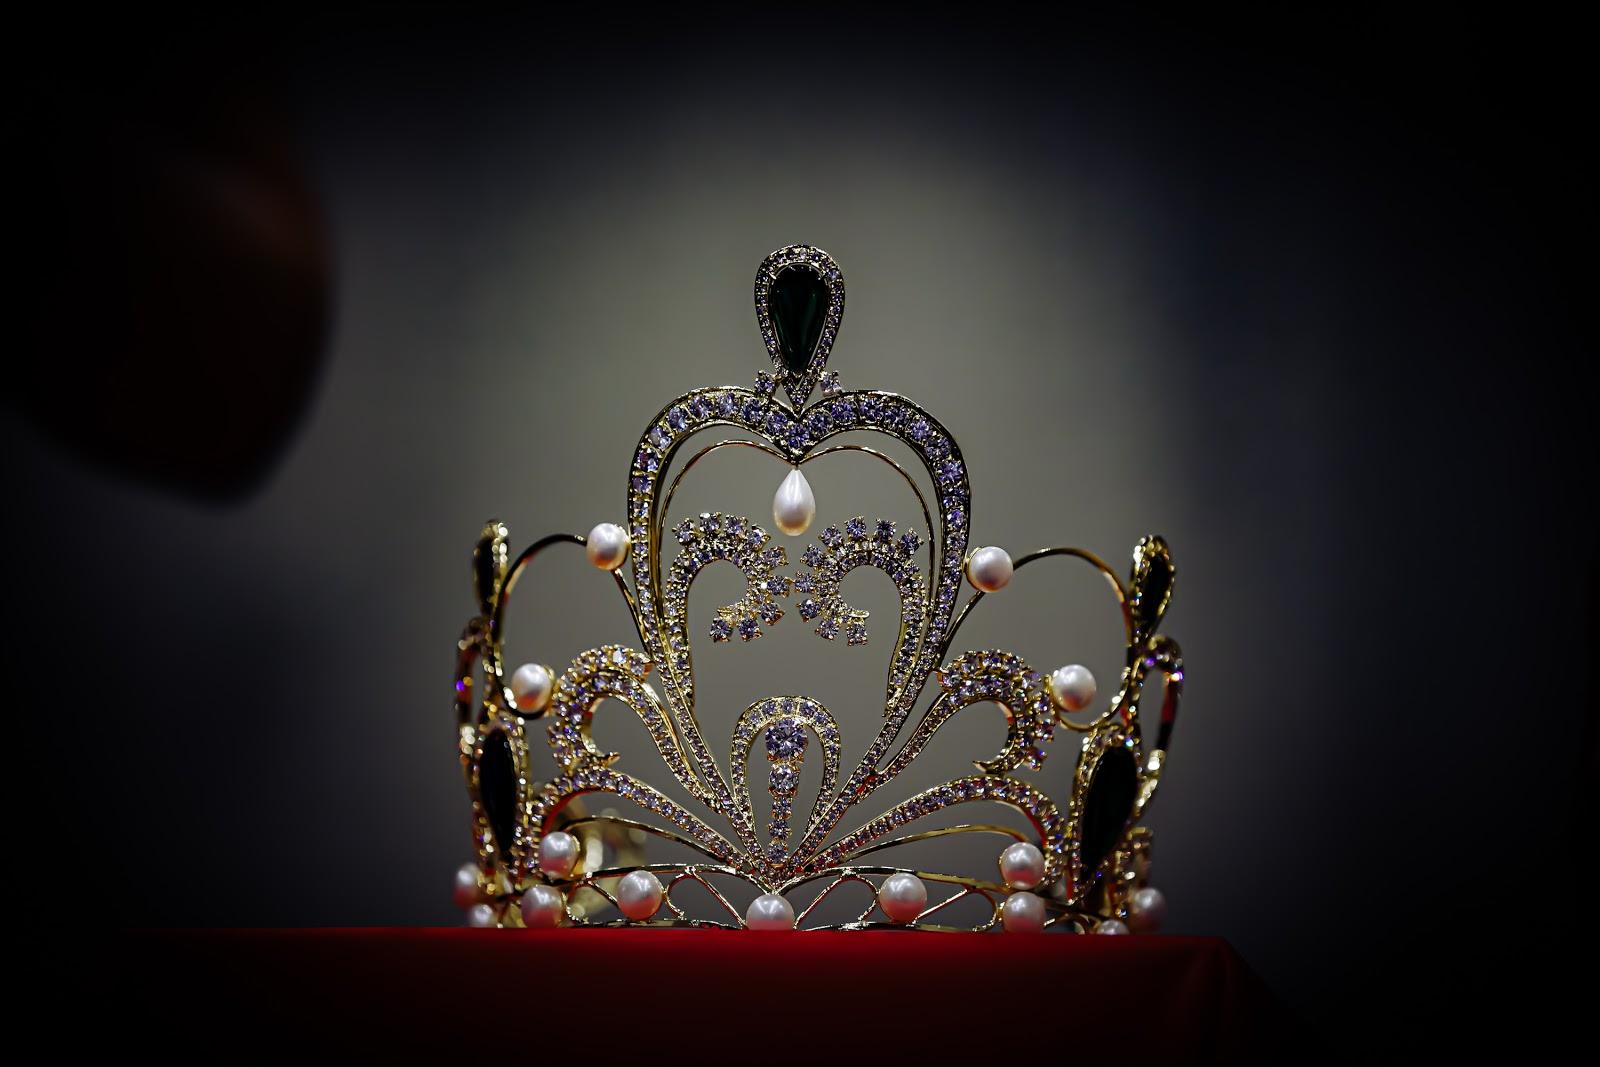 Cận cảnh vương miện 2 tỷ làm từ 2000 viên pha lê của cuộc thi Hoa hậu Tiểu Vy làm giám khảo - Hình 3